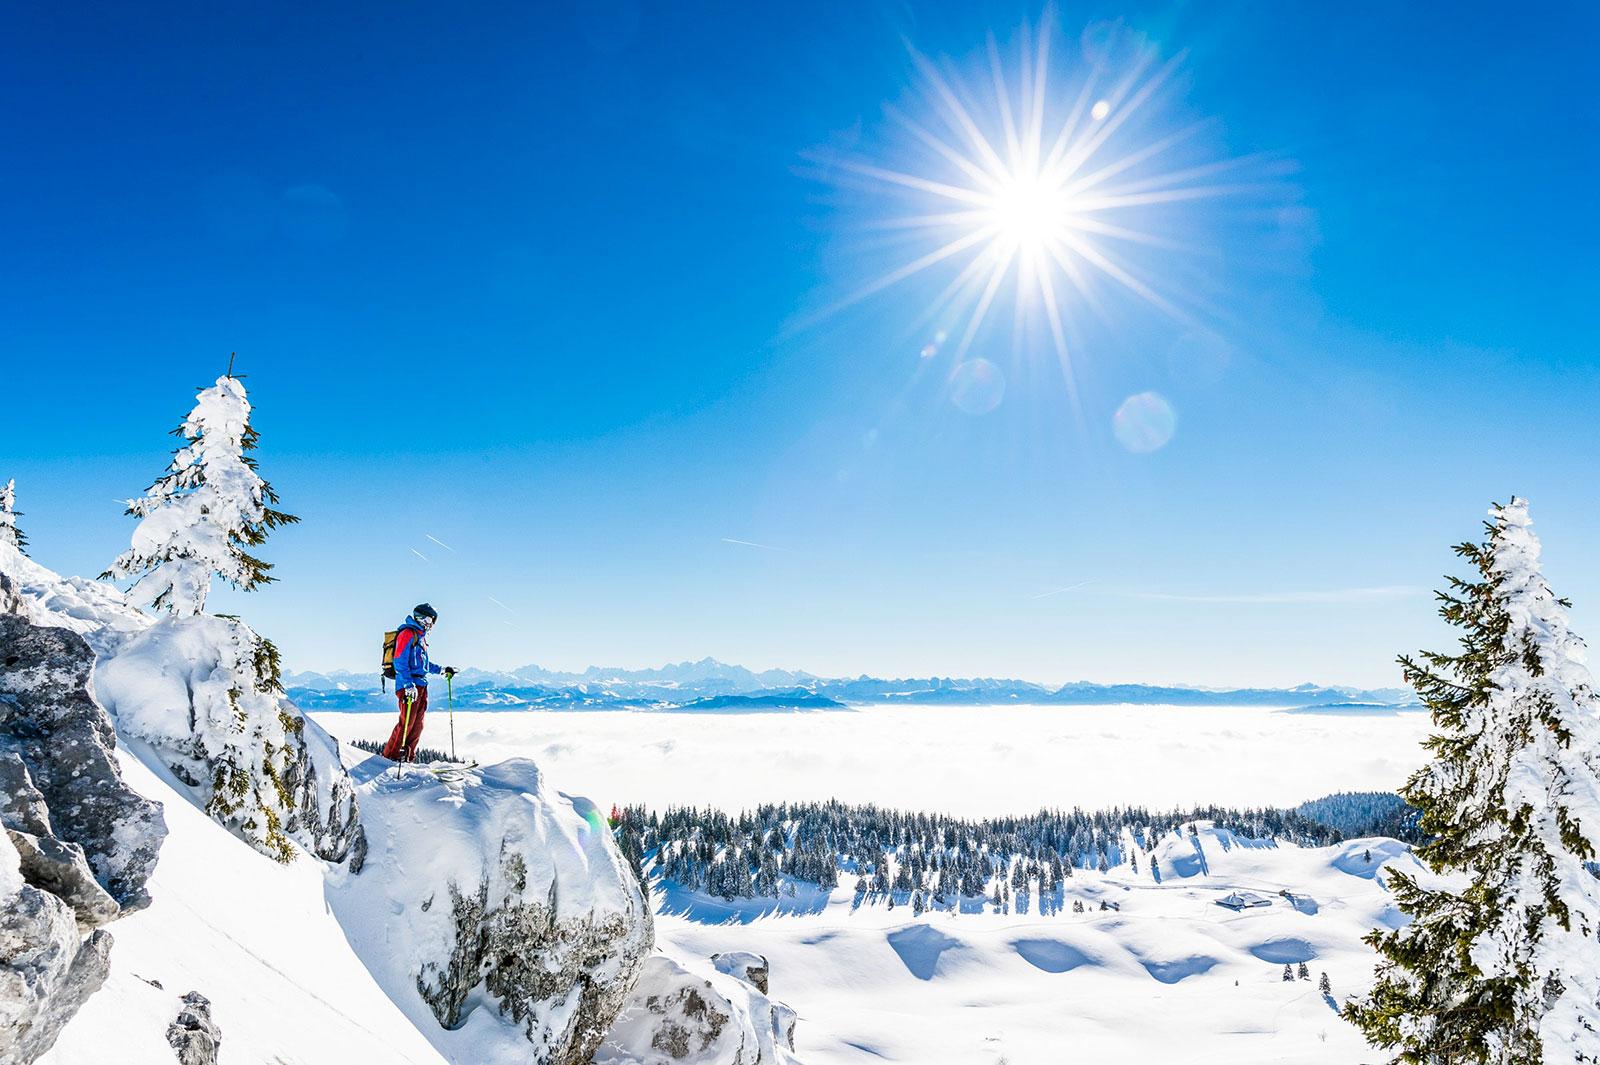 Un skieur au dessus d'une montagne